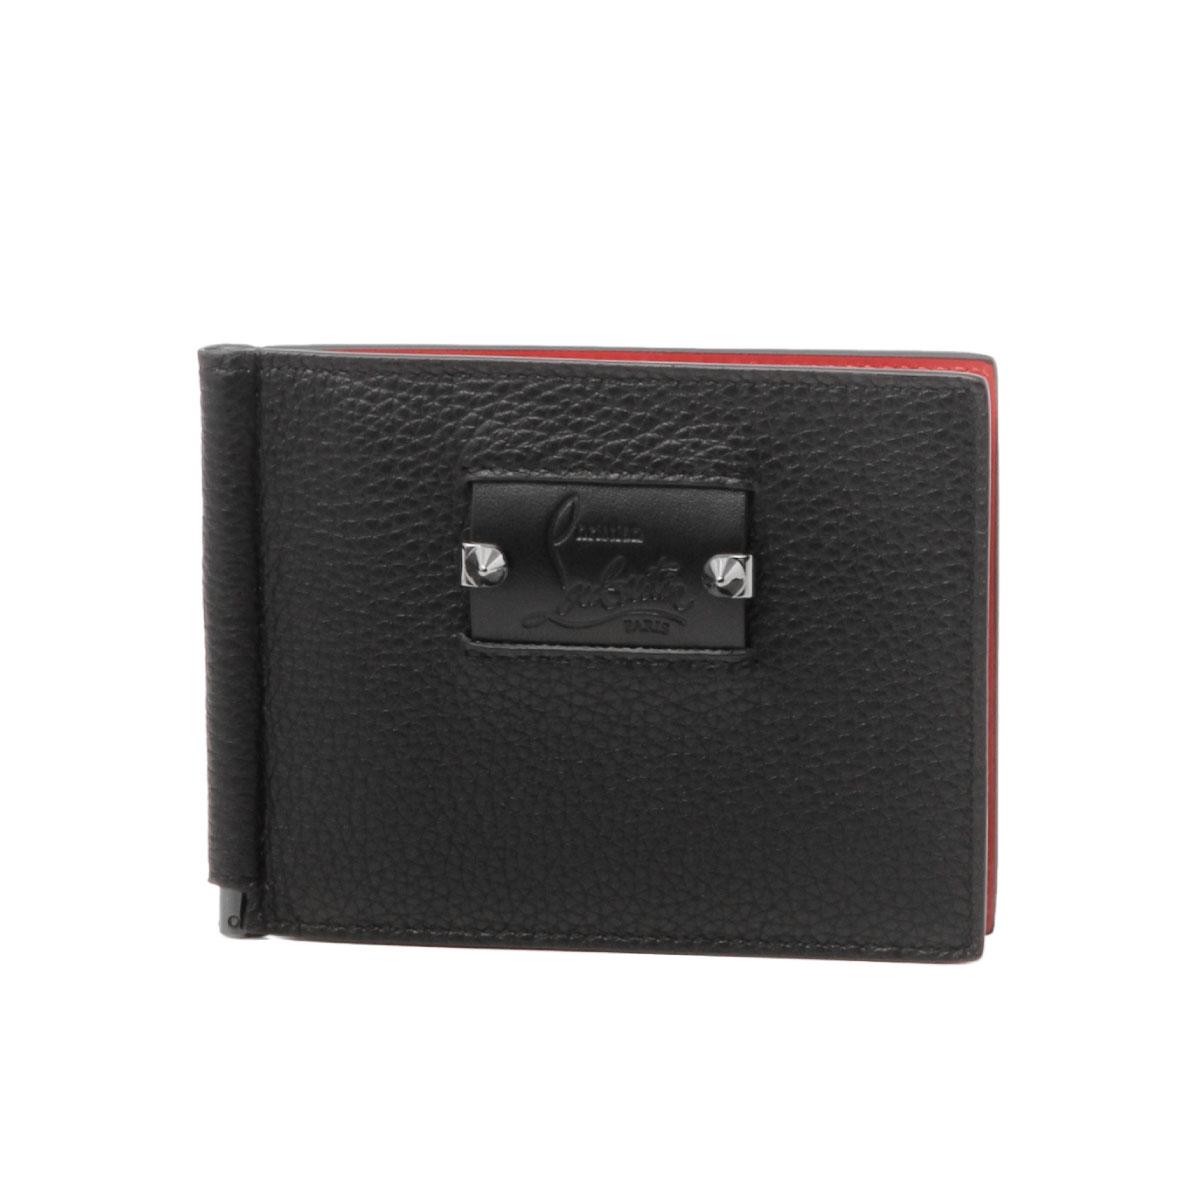 クリスチャン ルブタン Christian Louboutin 財布 メンズ 3185050 B078 二つ折り財布 CLIPSOS LOUBICITY クリップソス ルビシティ BLACK/GUNMETAL ブラック